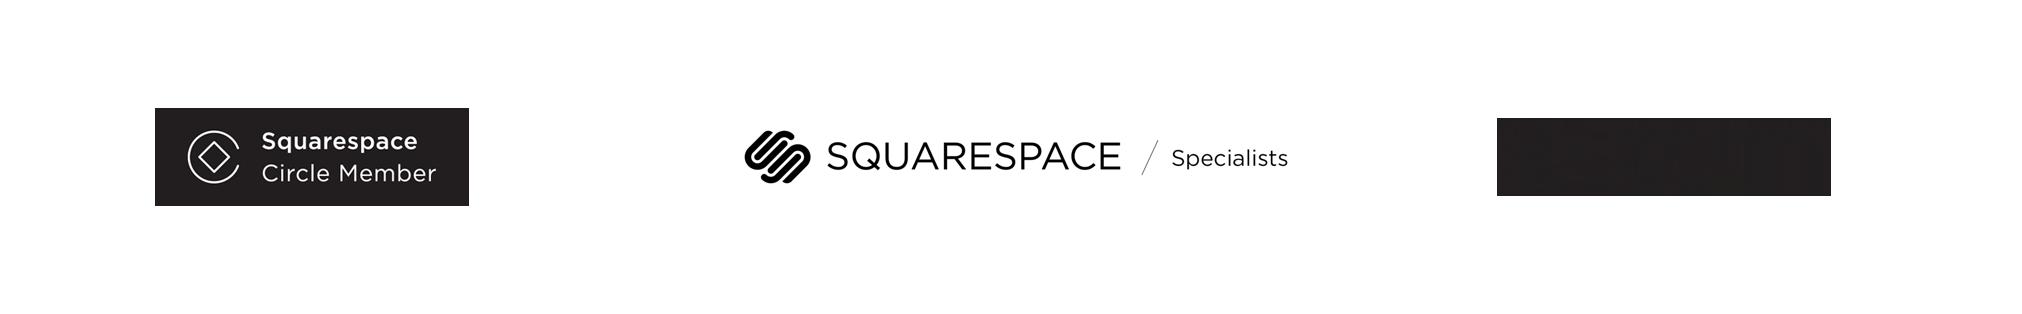 squarespace-logos-bar.png